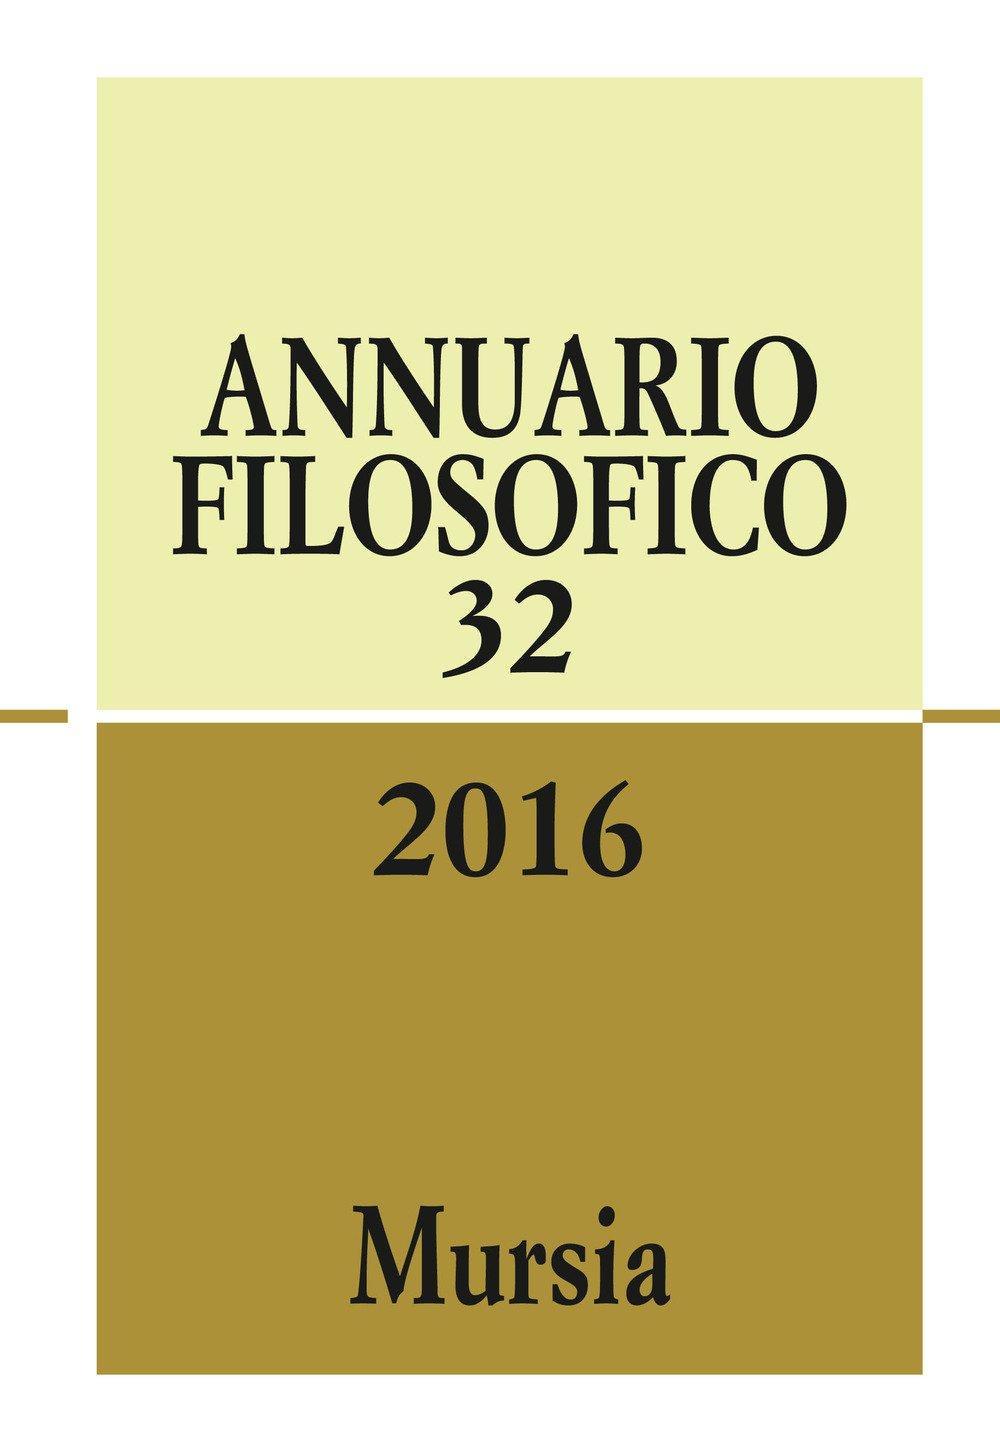 Annuario filosofico 2016. Vol. 32